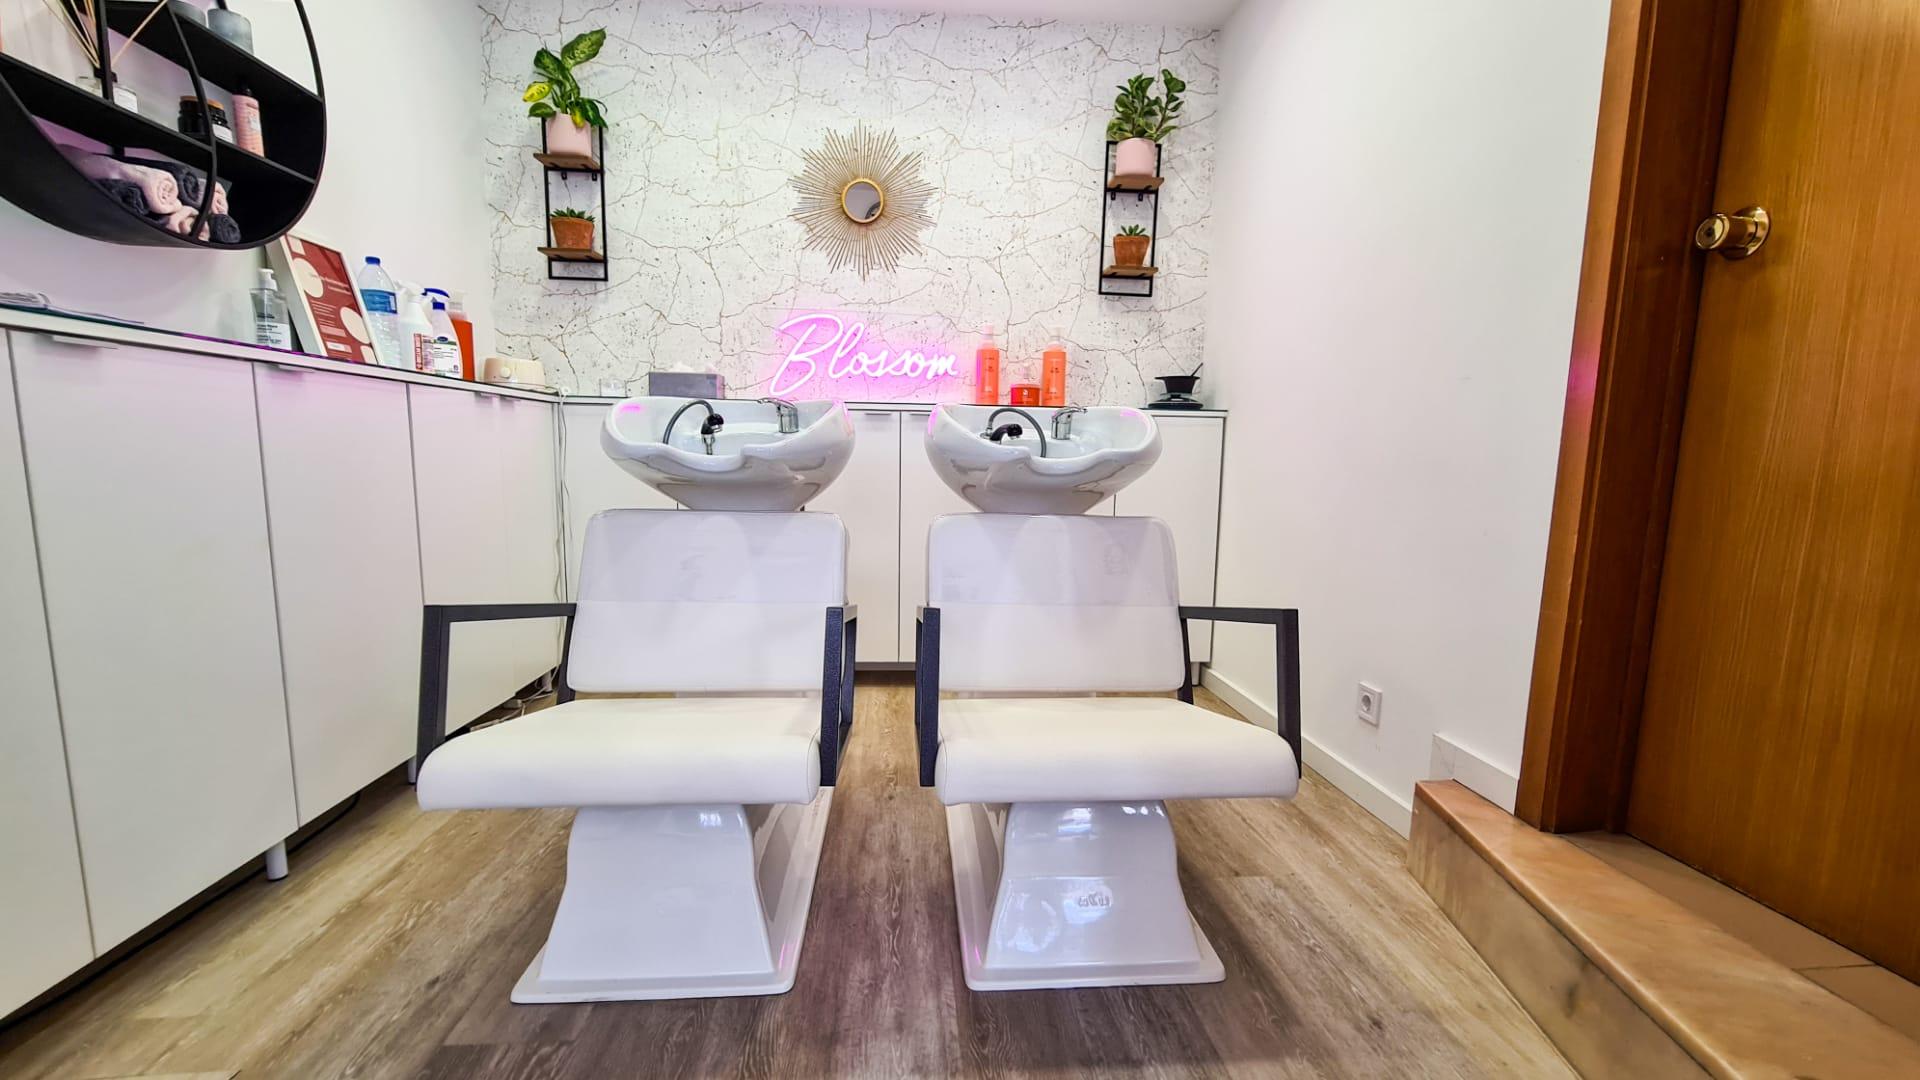 Blossom Beauty Center